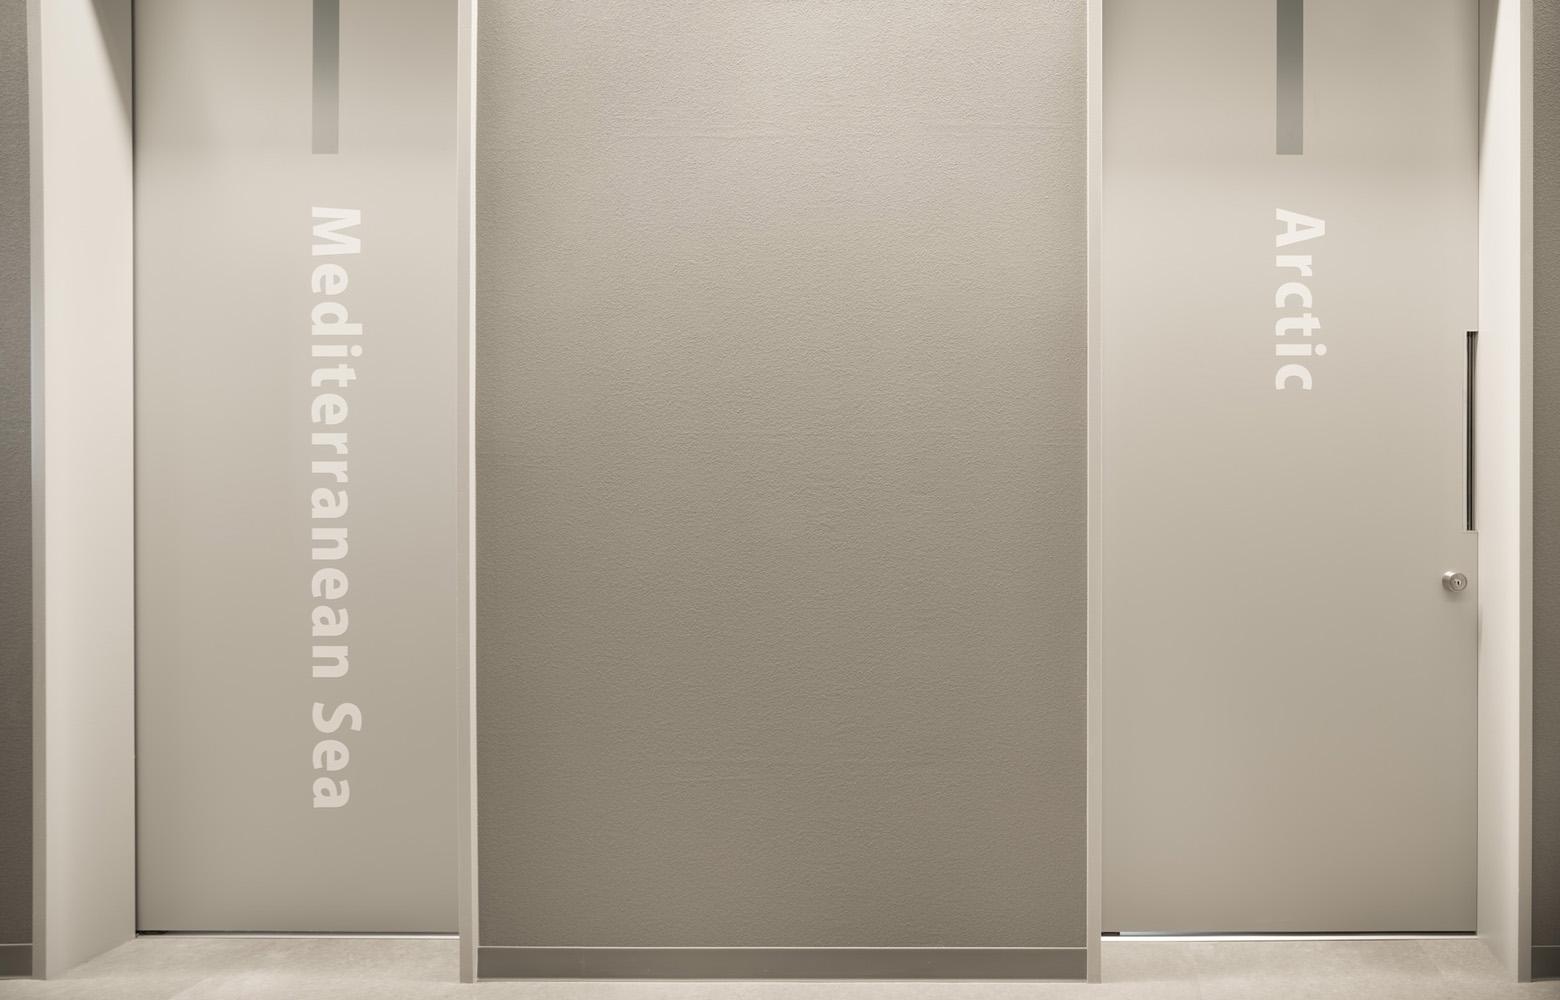 ベイラインエクスプレス株式会社 Sleeping Room デザイン・レイアウト事例